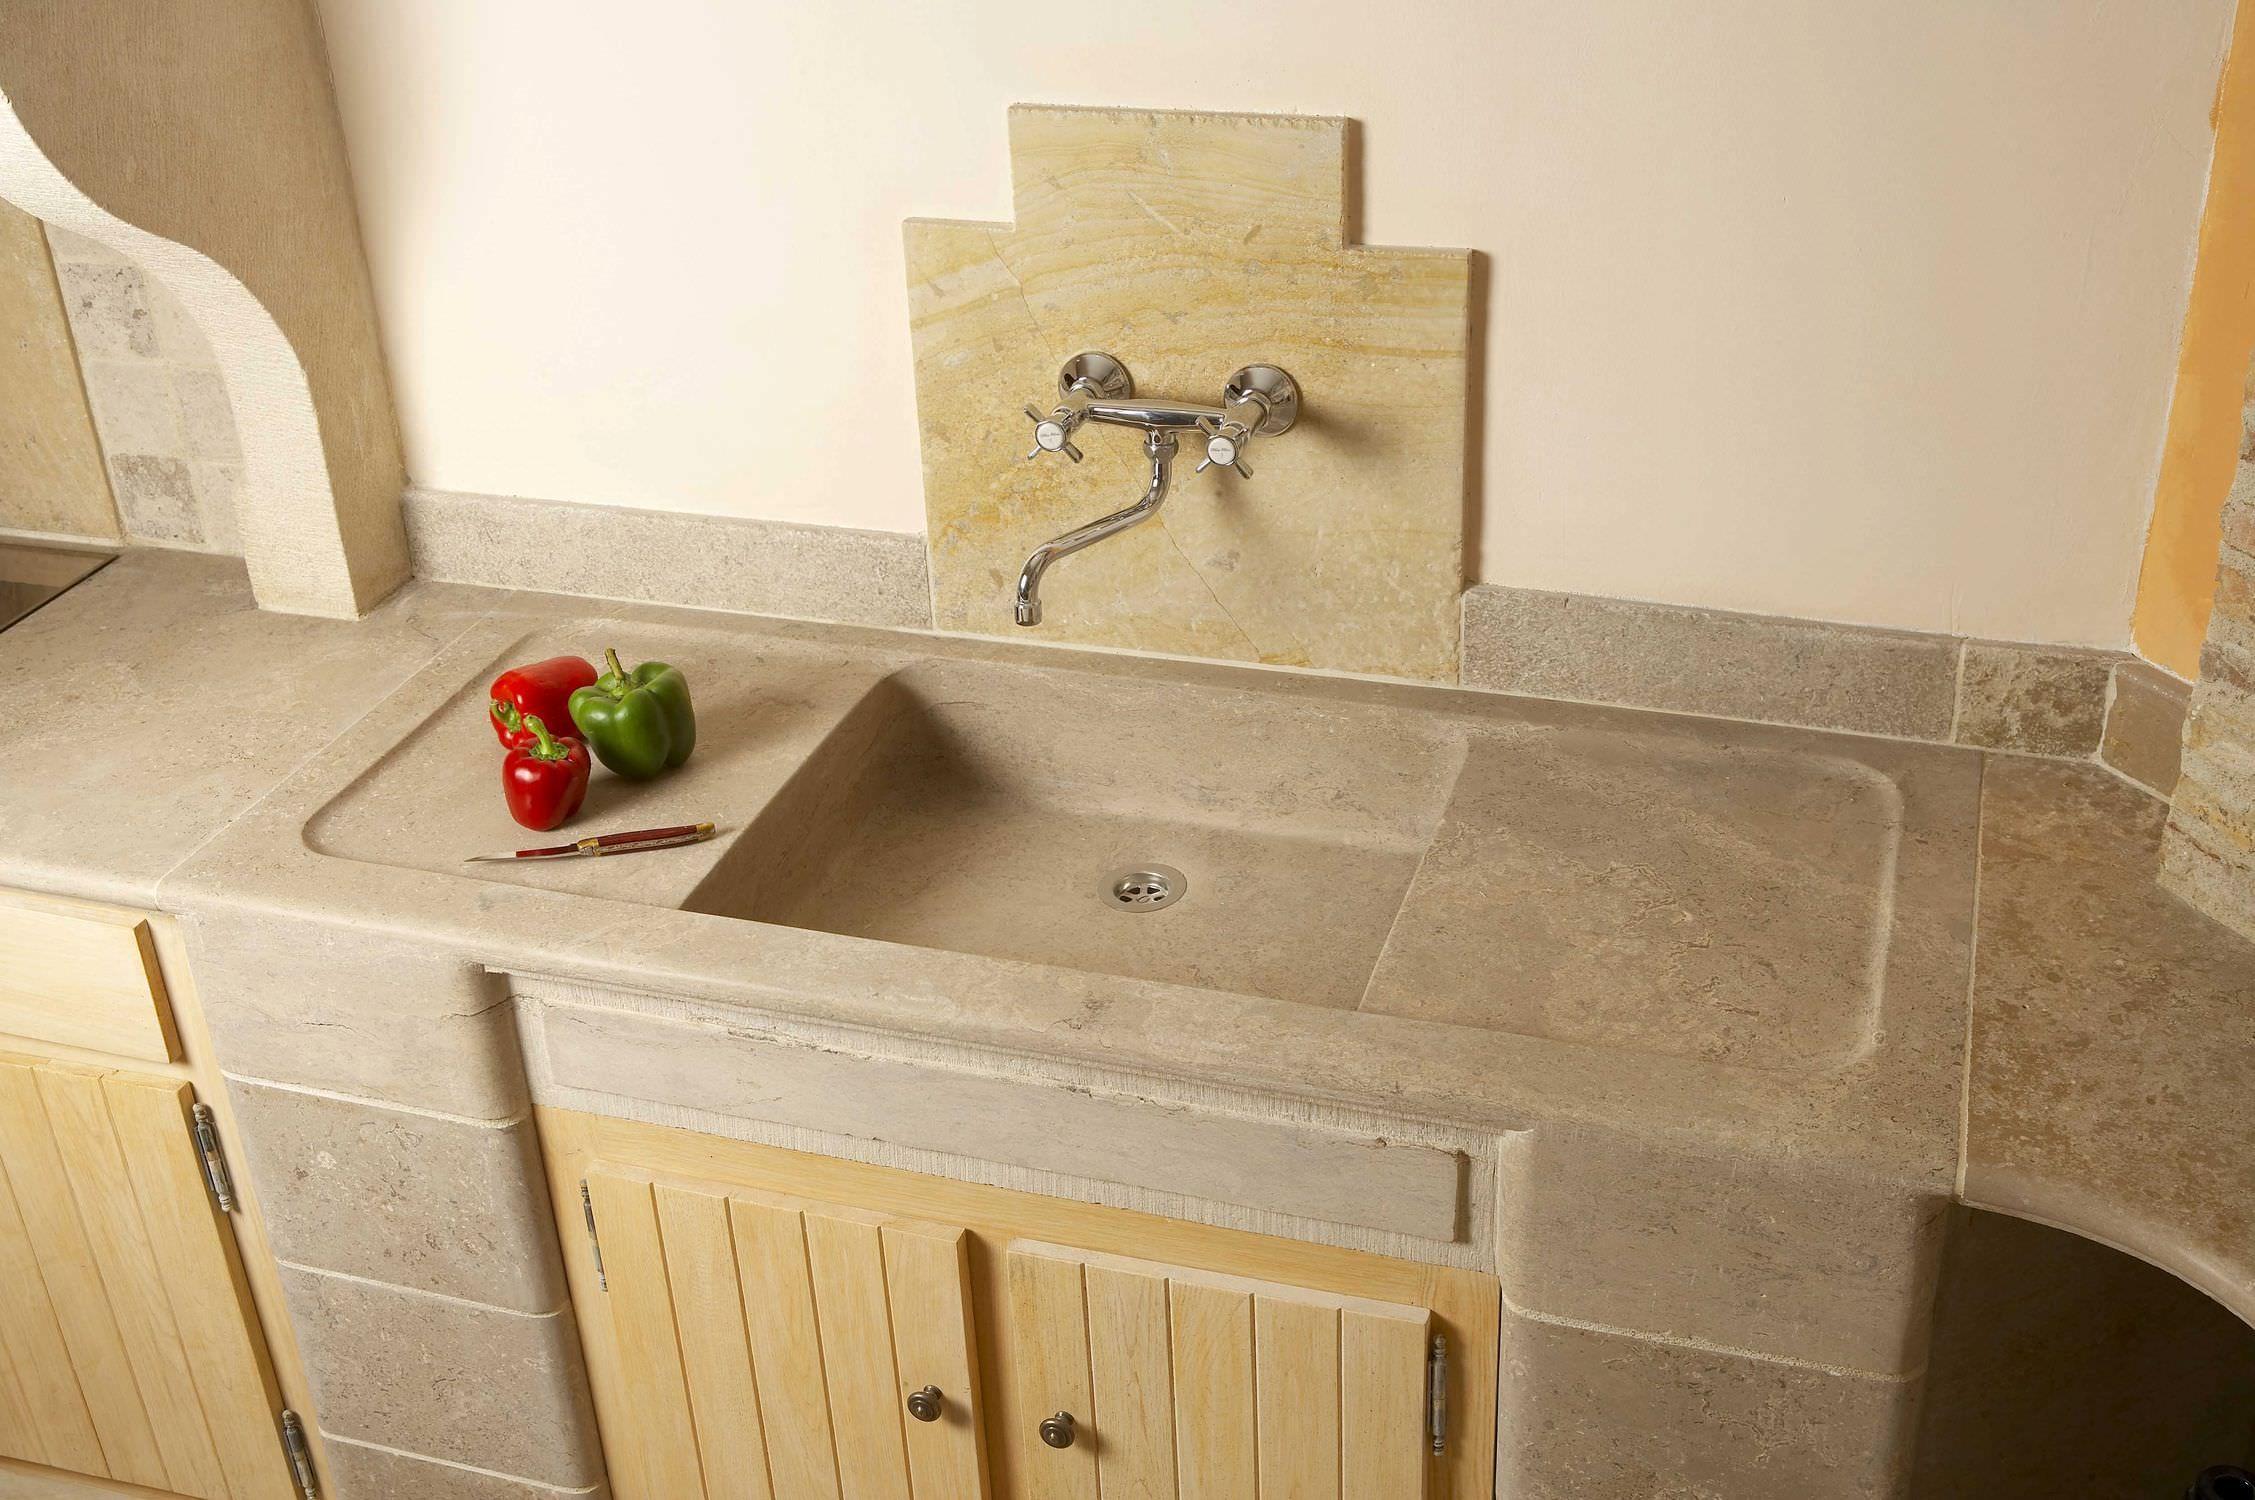 vier 1 bac en pierre naturelle e001 occitanie. Black Bedroom Furniture Sets. Home Design Ideas